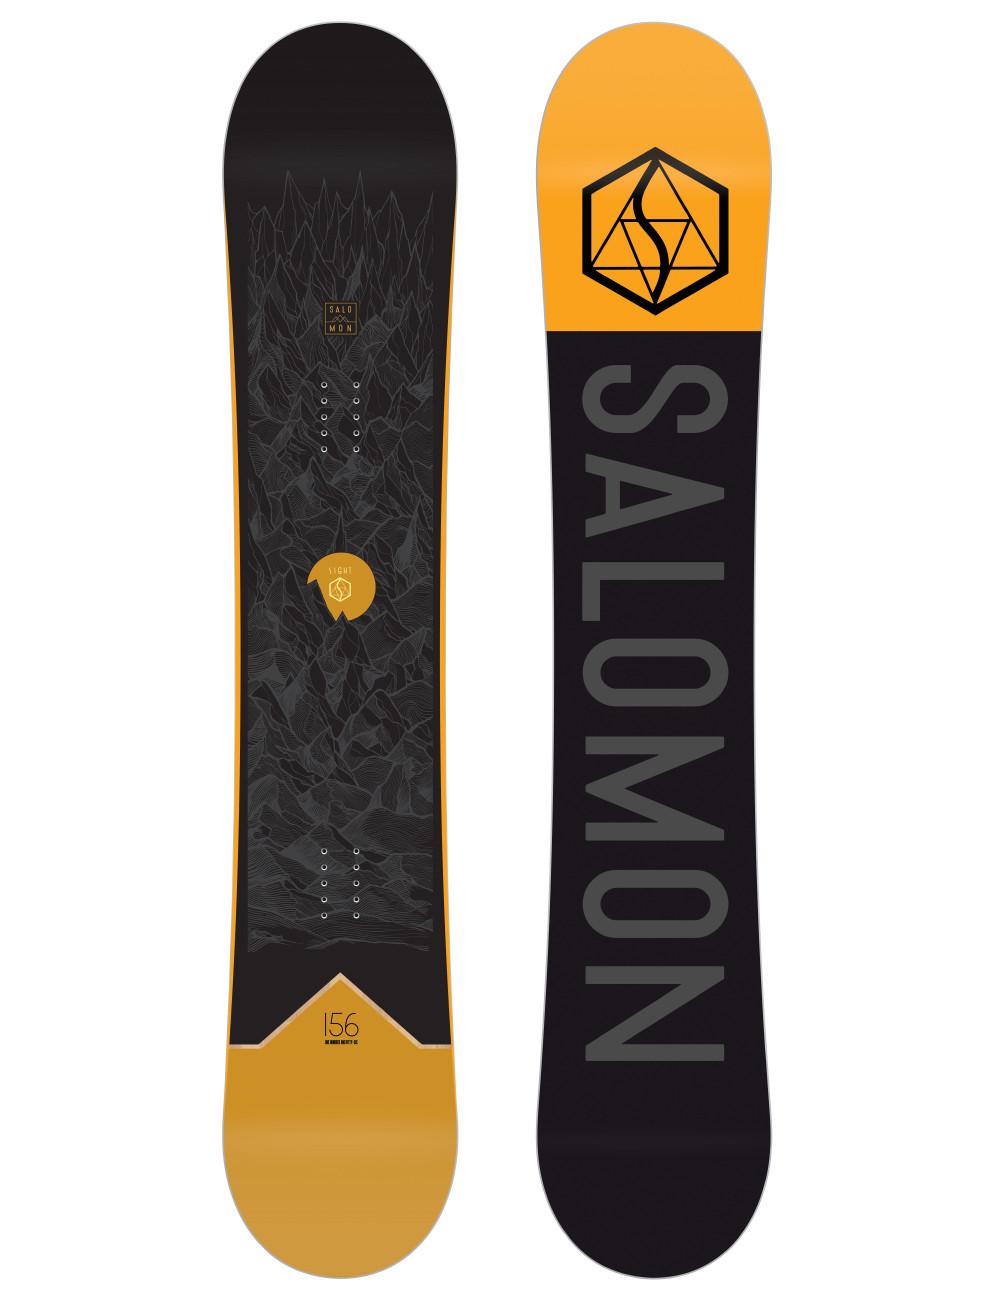 Deska Snowboardowa Salomon Sight 159 9039053097 Allegro Pl